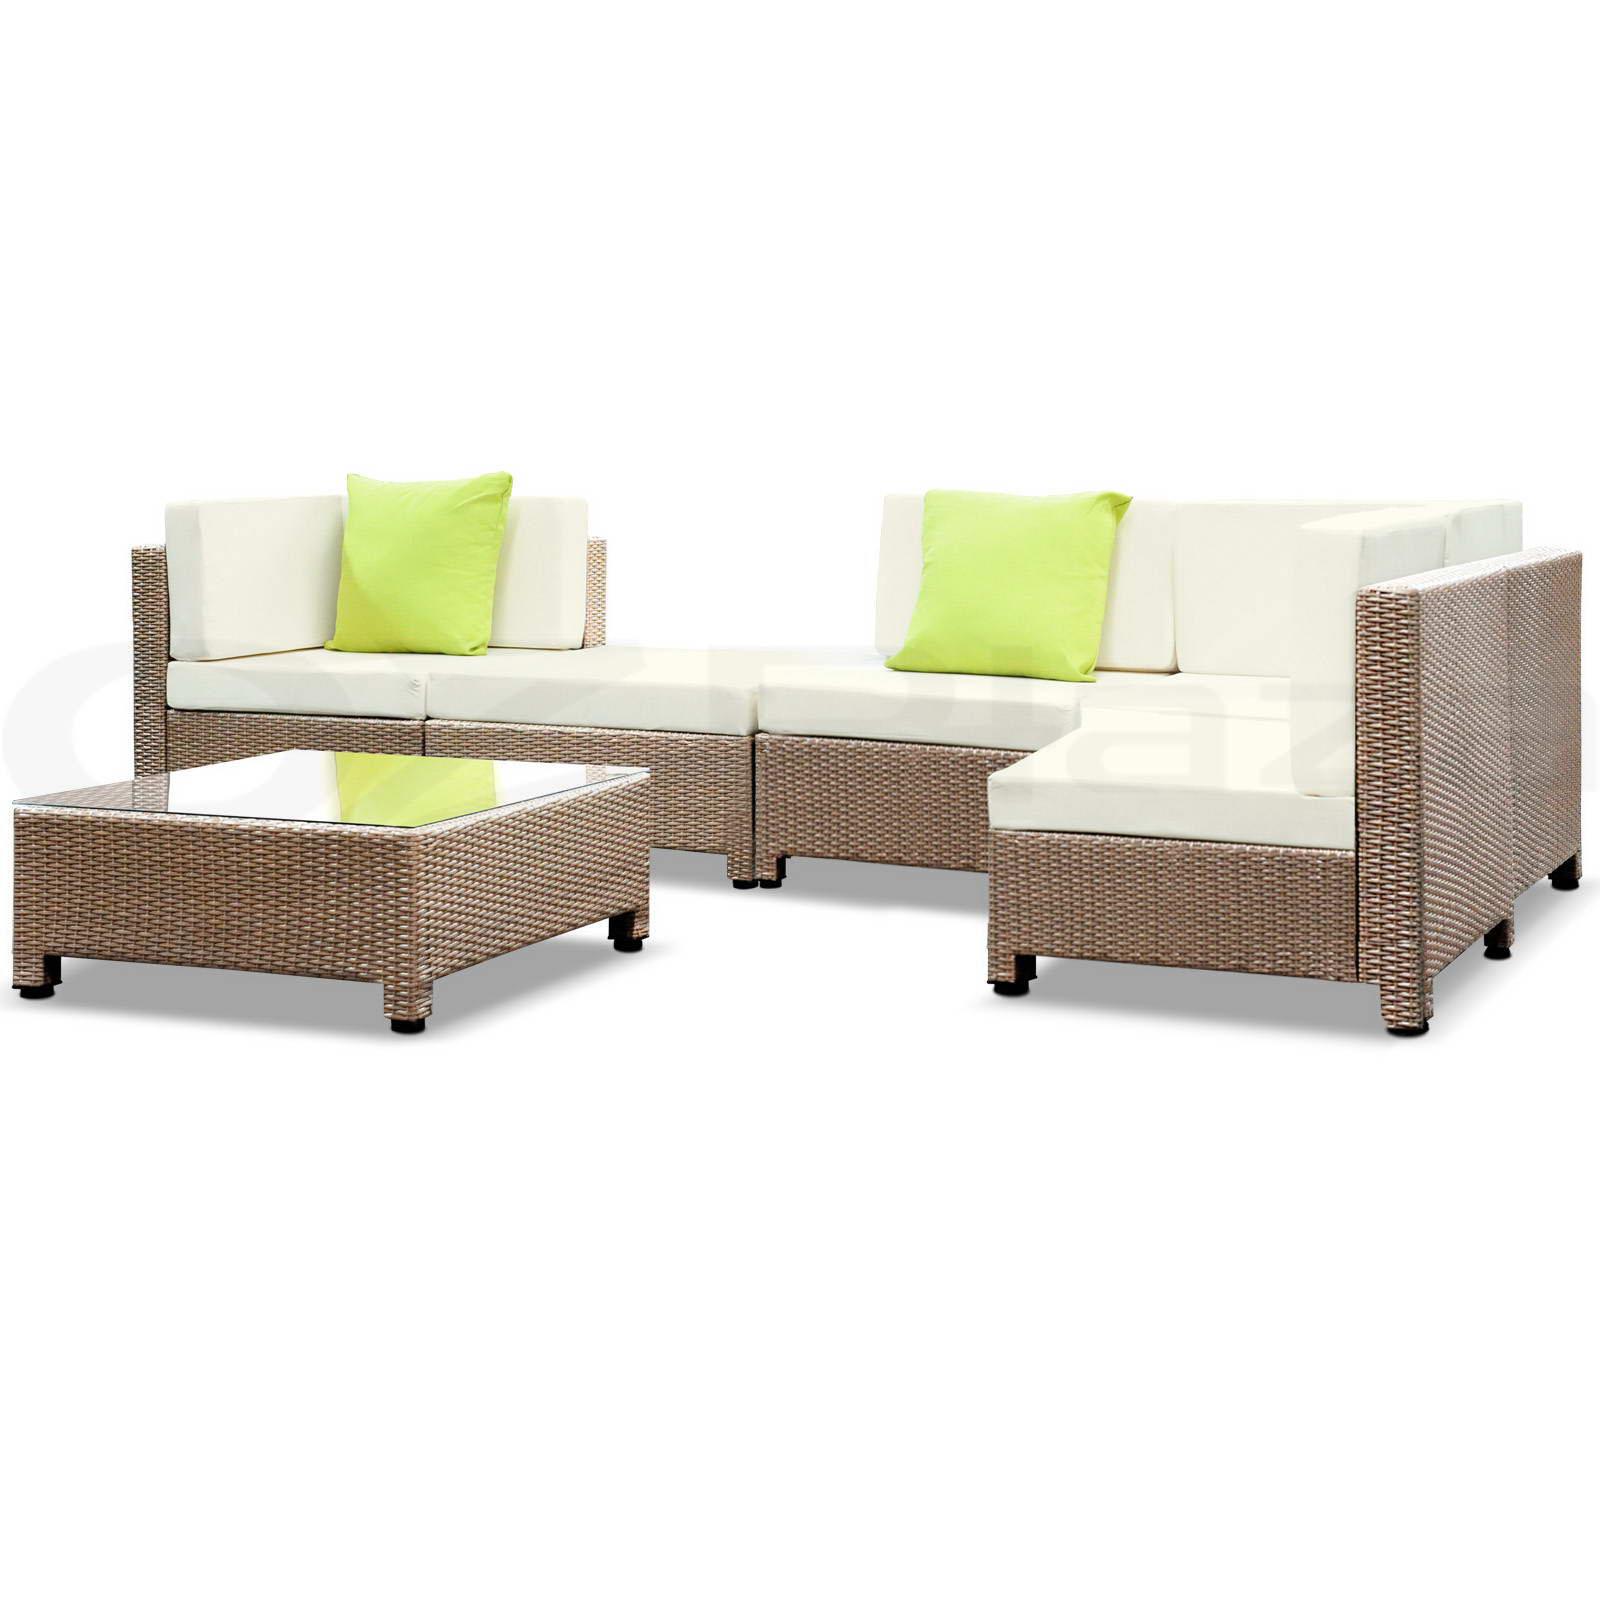 Brown Outdoor Furniture Wicker 6pc PE Rattan SET Garden ...